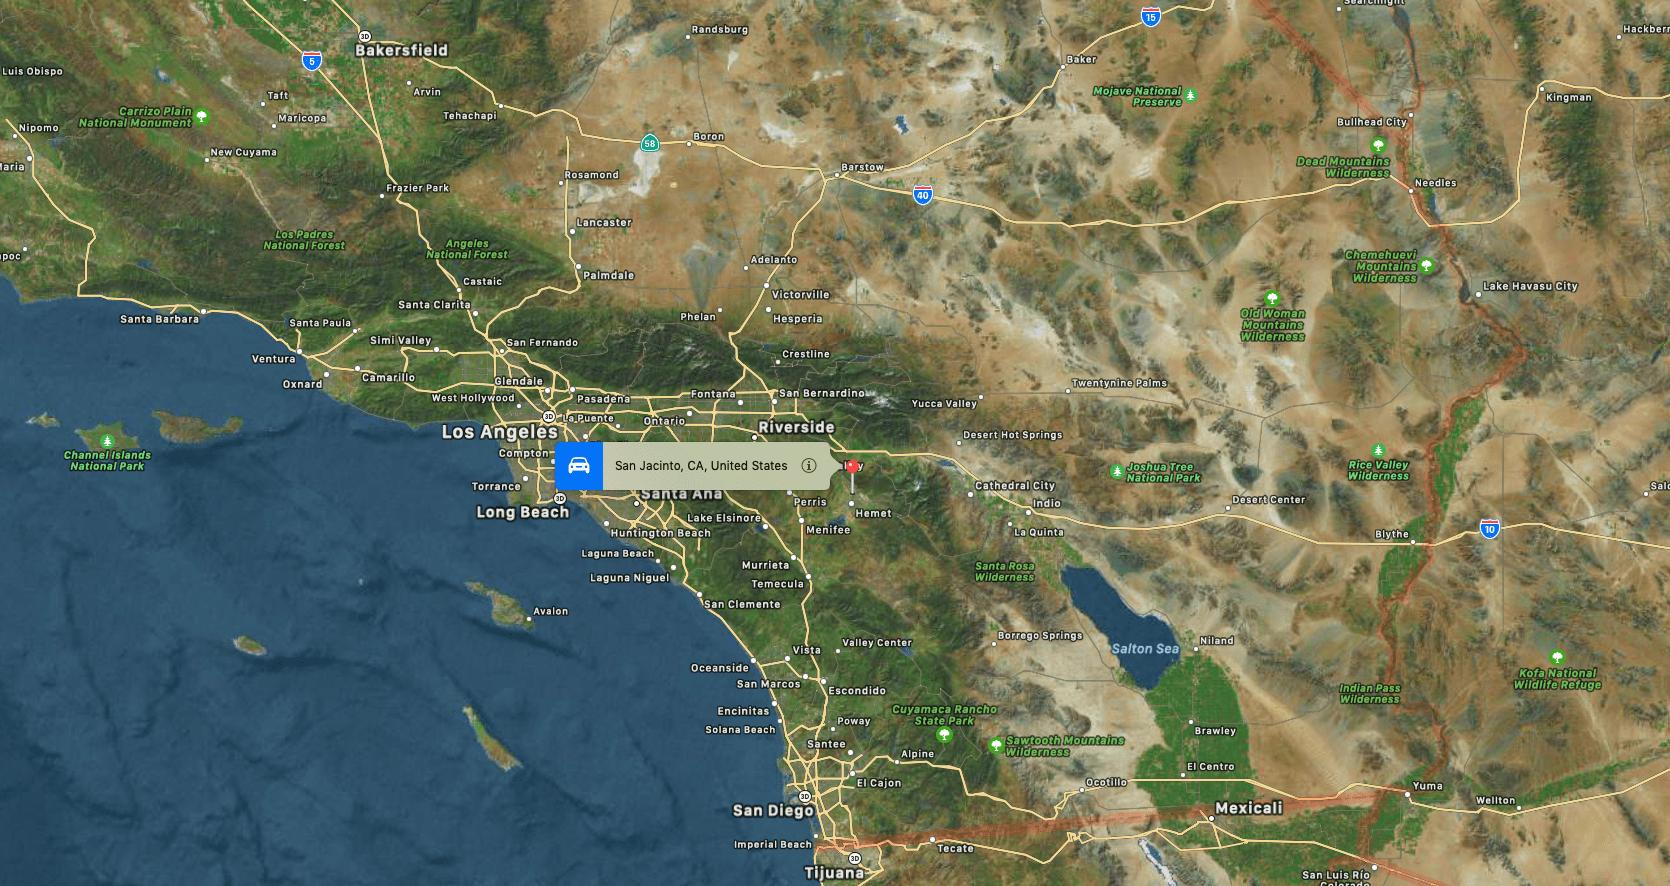 San Jacinto, Los Angeles, california